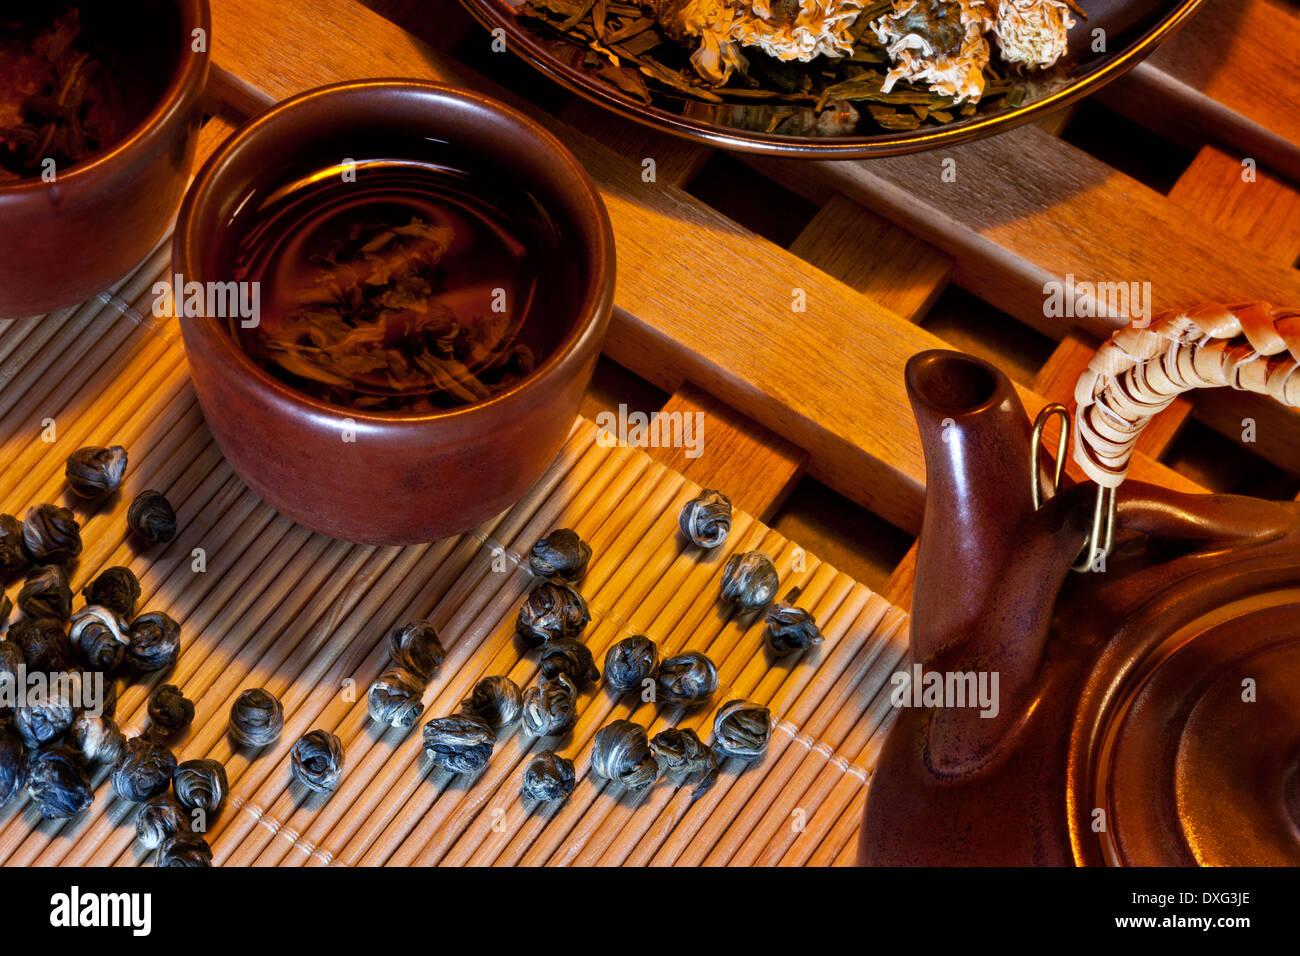 Chinese Jasmine Pearl Tea. - Stock Image